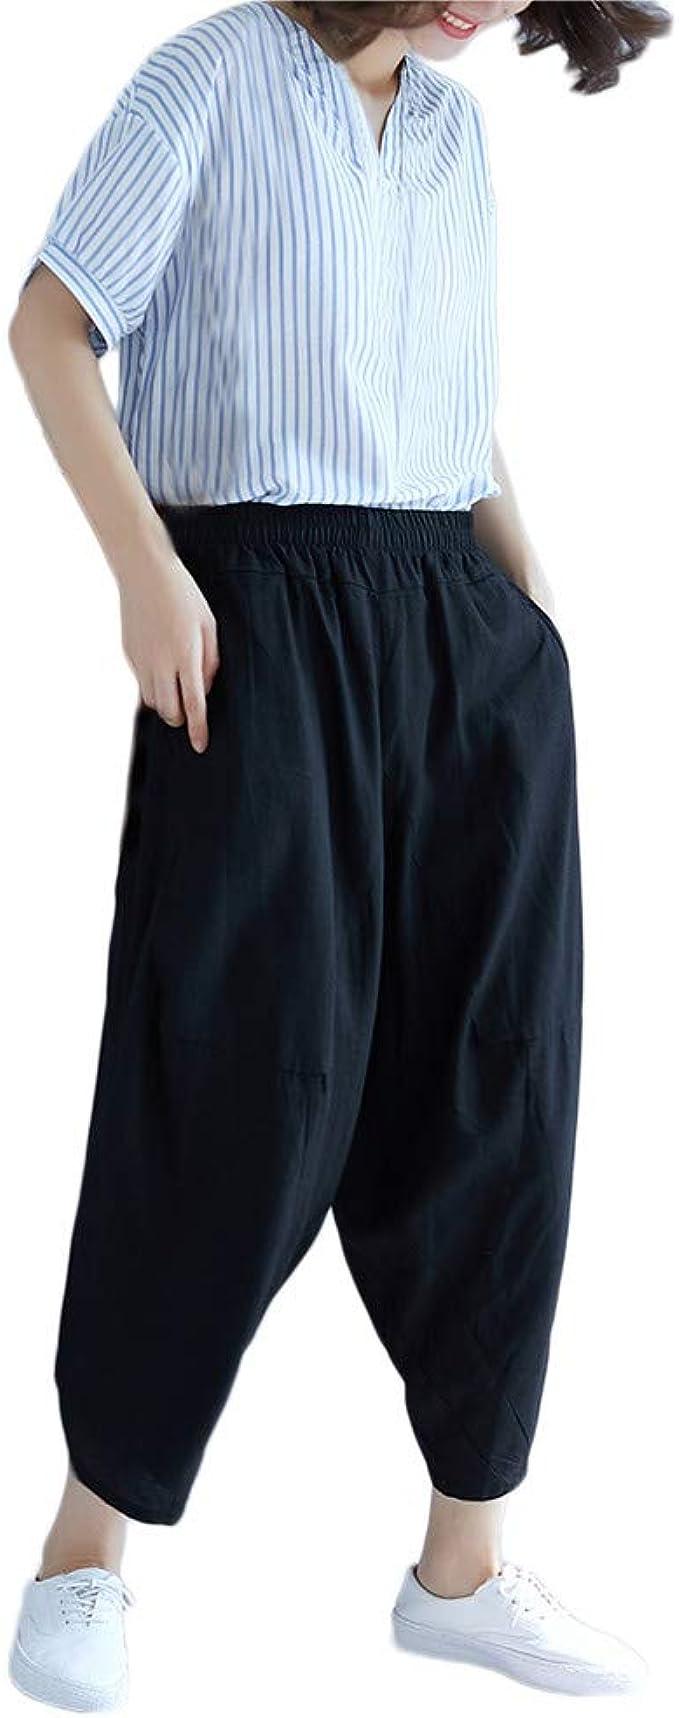 SOMESUN Pantaloni Harem Pantaloni Larghi Elastici Casual a Vita Alta Bassa Righe Da Donna Corti Sezione Sottile Lunghi Di Lino In Cotone Estivi Taglie